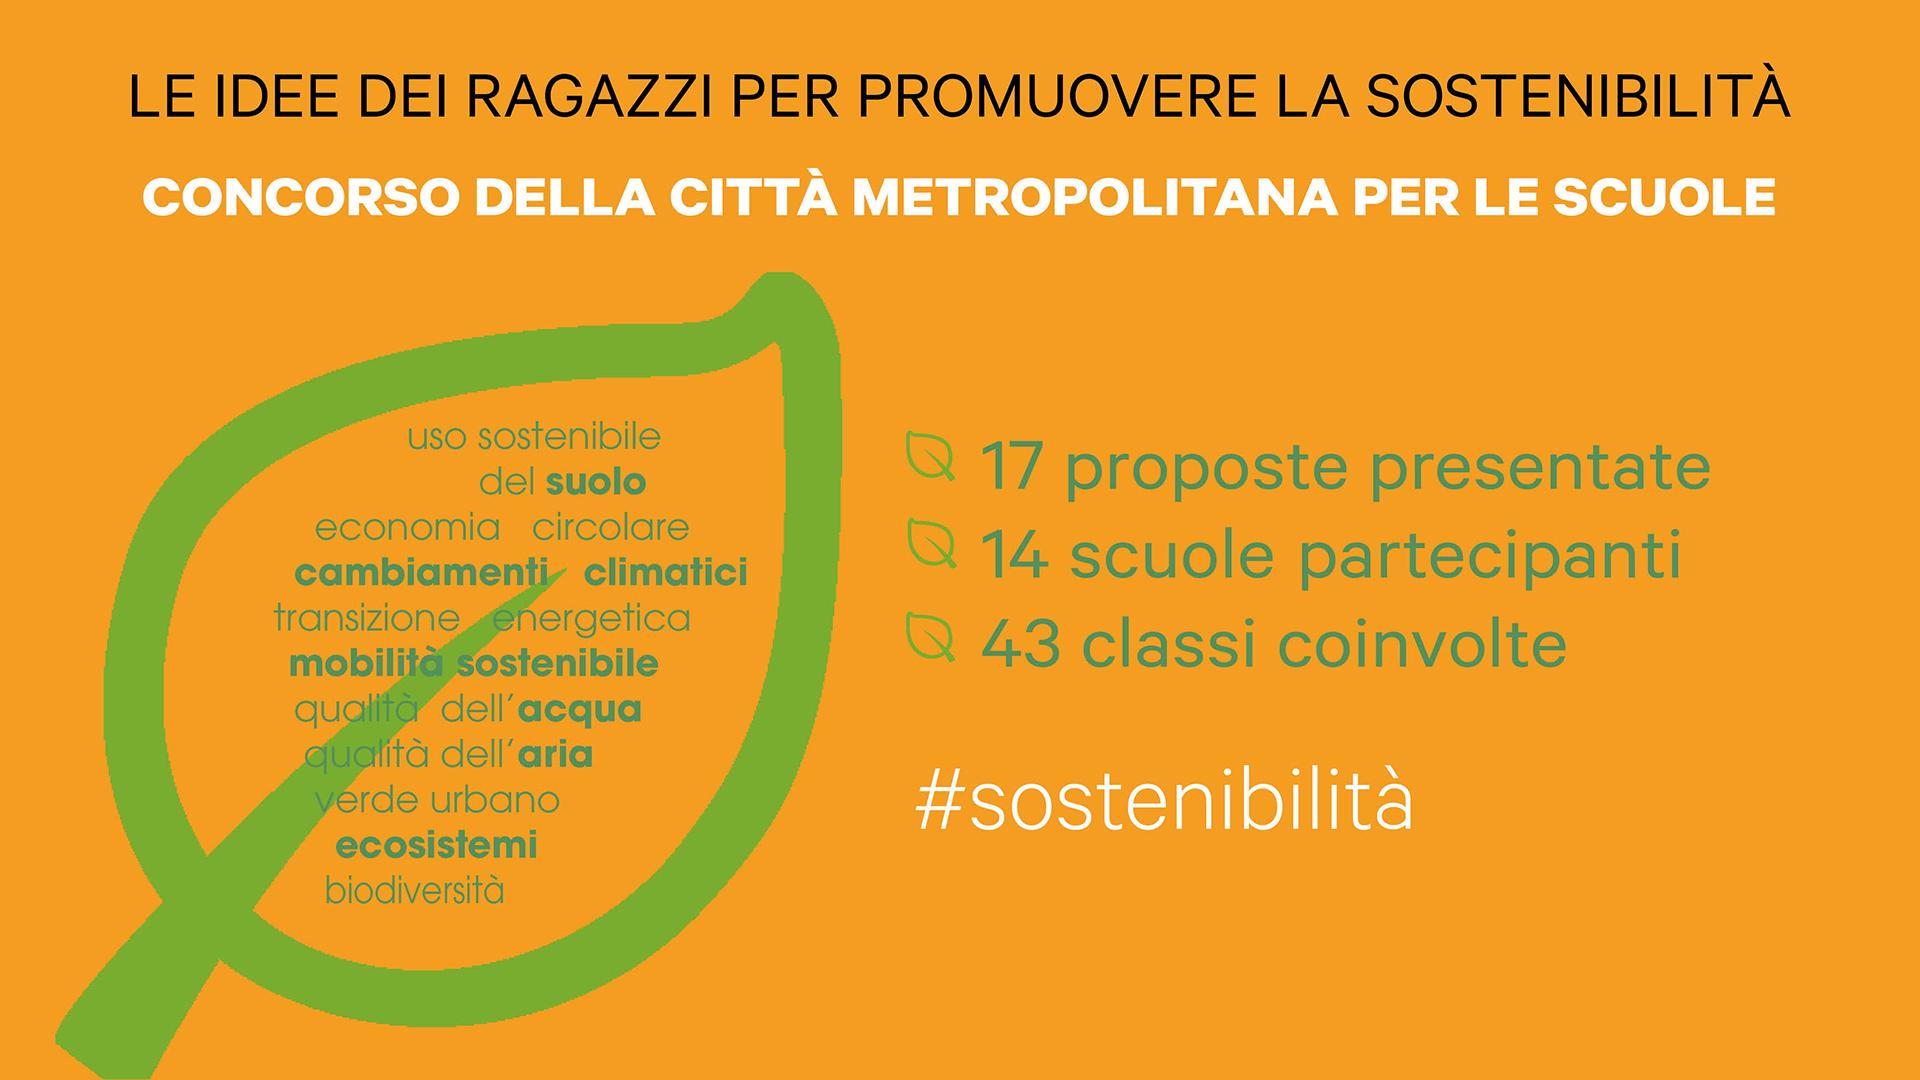 Le idee dei ragazzi bolognesi per promuovere la sostenibilità: un concorso della Città metropolitana per sostenere i progetti delle scuole del territorio